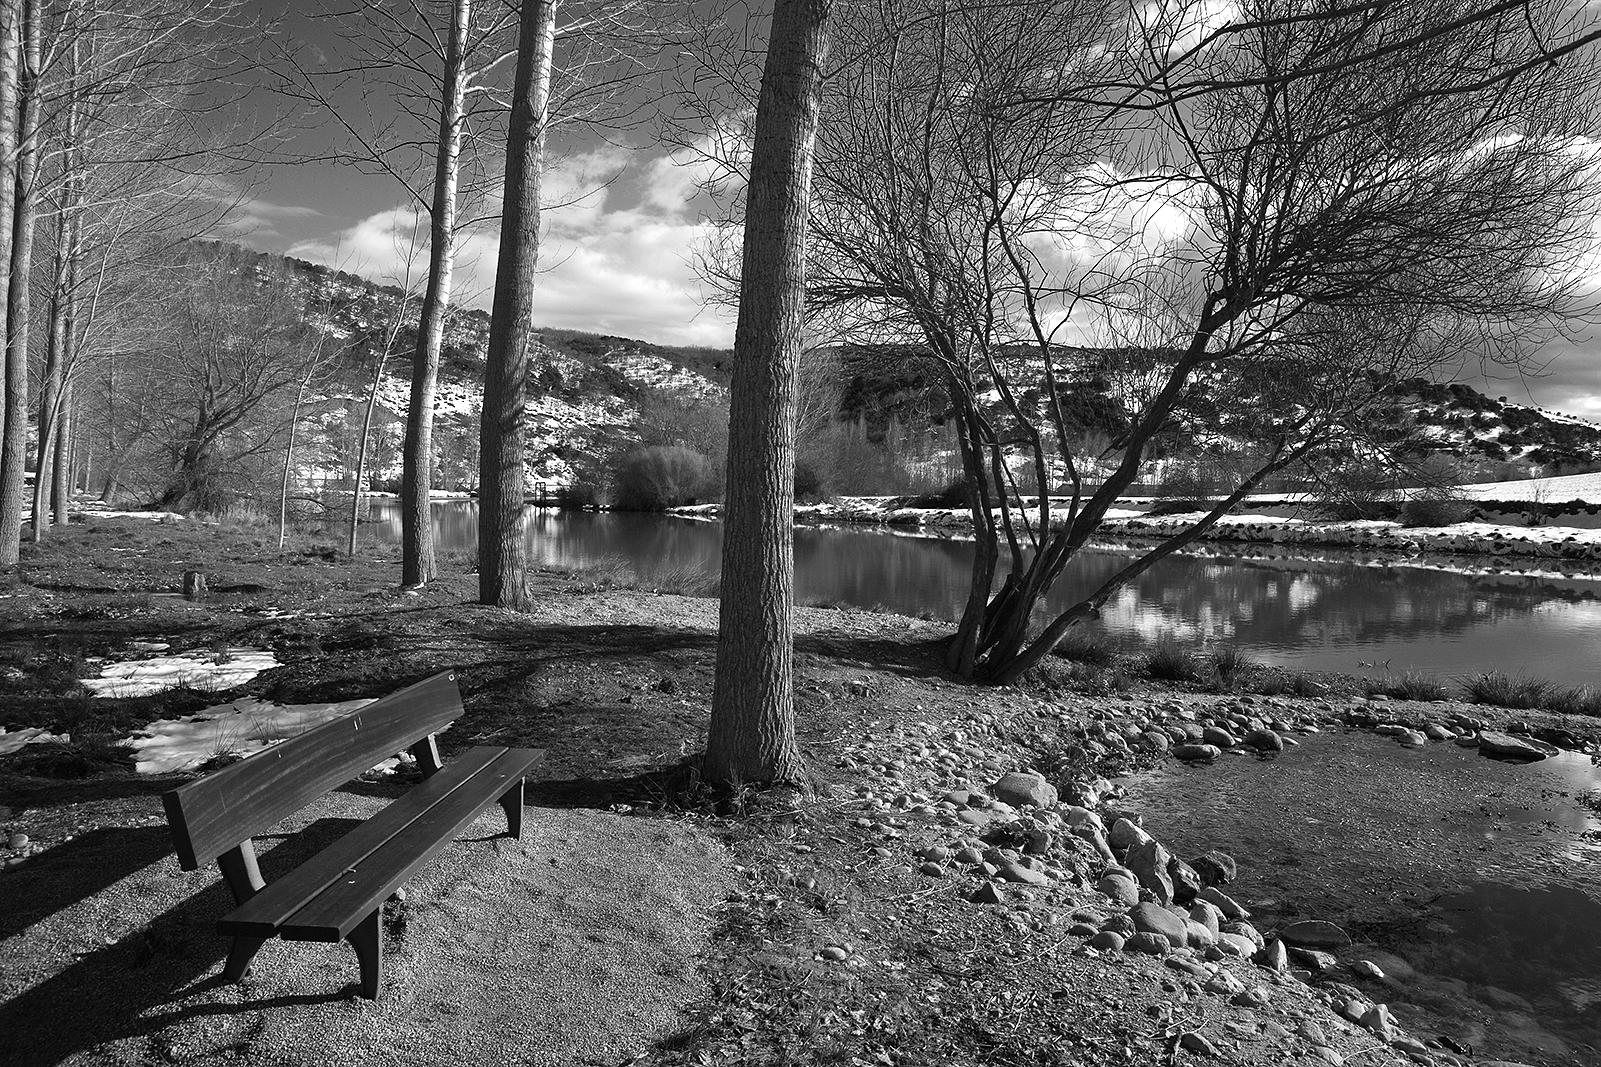 Banco junto a las aguas del Pisuerga entre Alar del Rey y Nogales. Palencia. Castilla y León. España © Javier Prieto Gallego